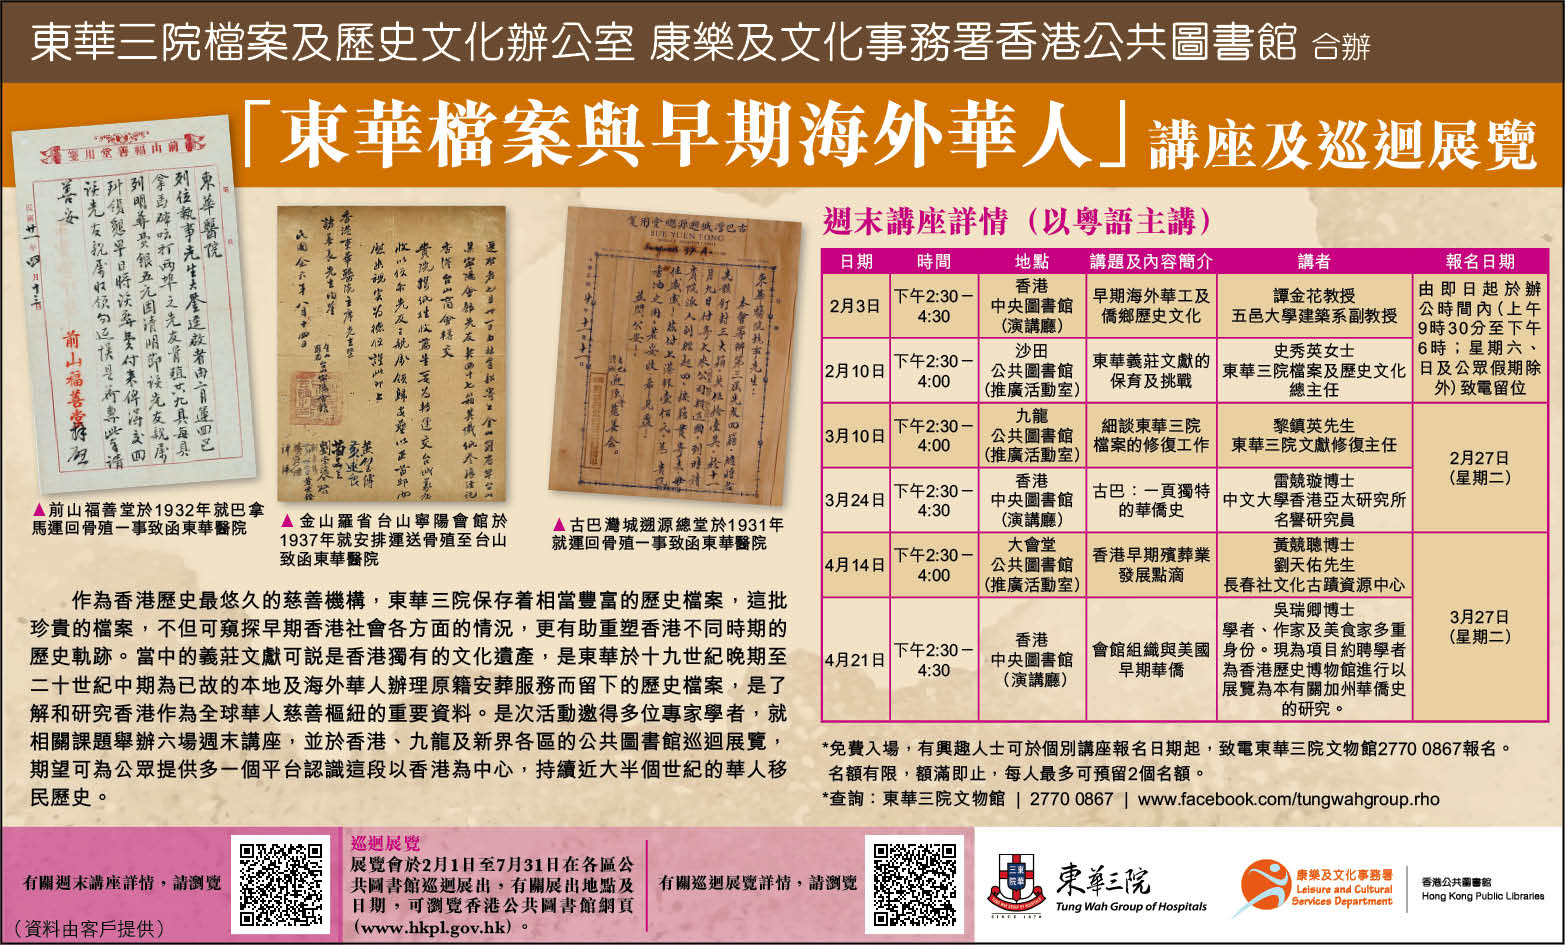 「東華檔案與早期海外華人」講座及巡迴展覽 - 頭條日報廣告稿